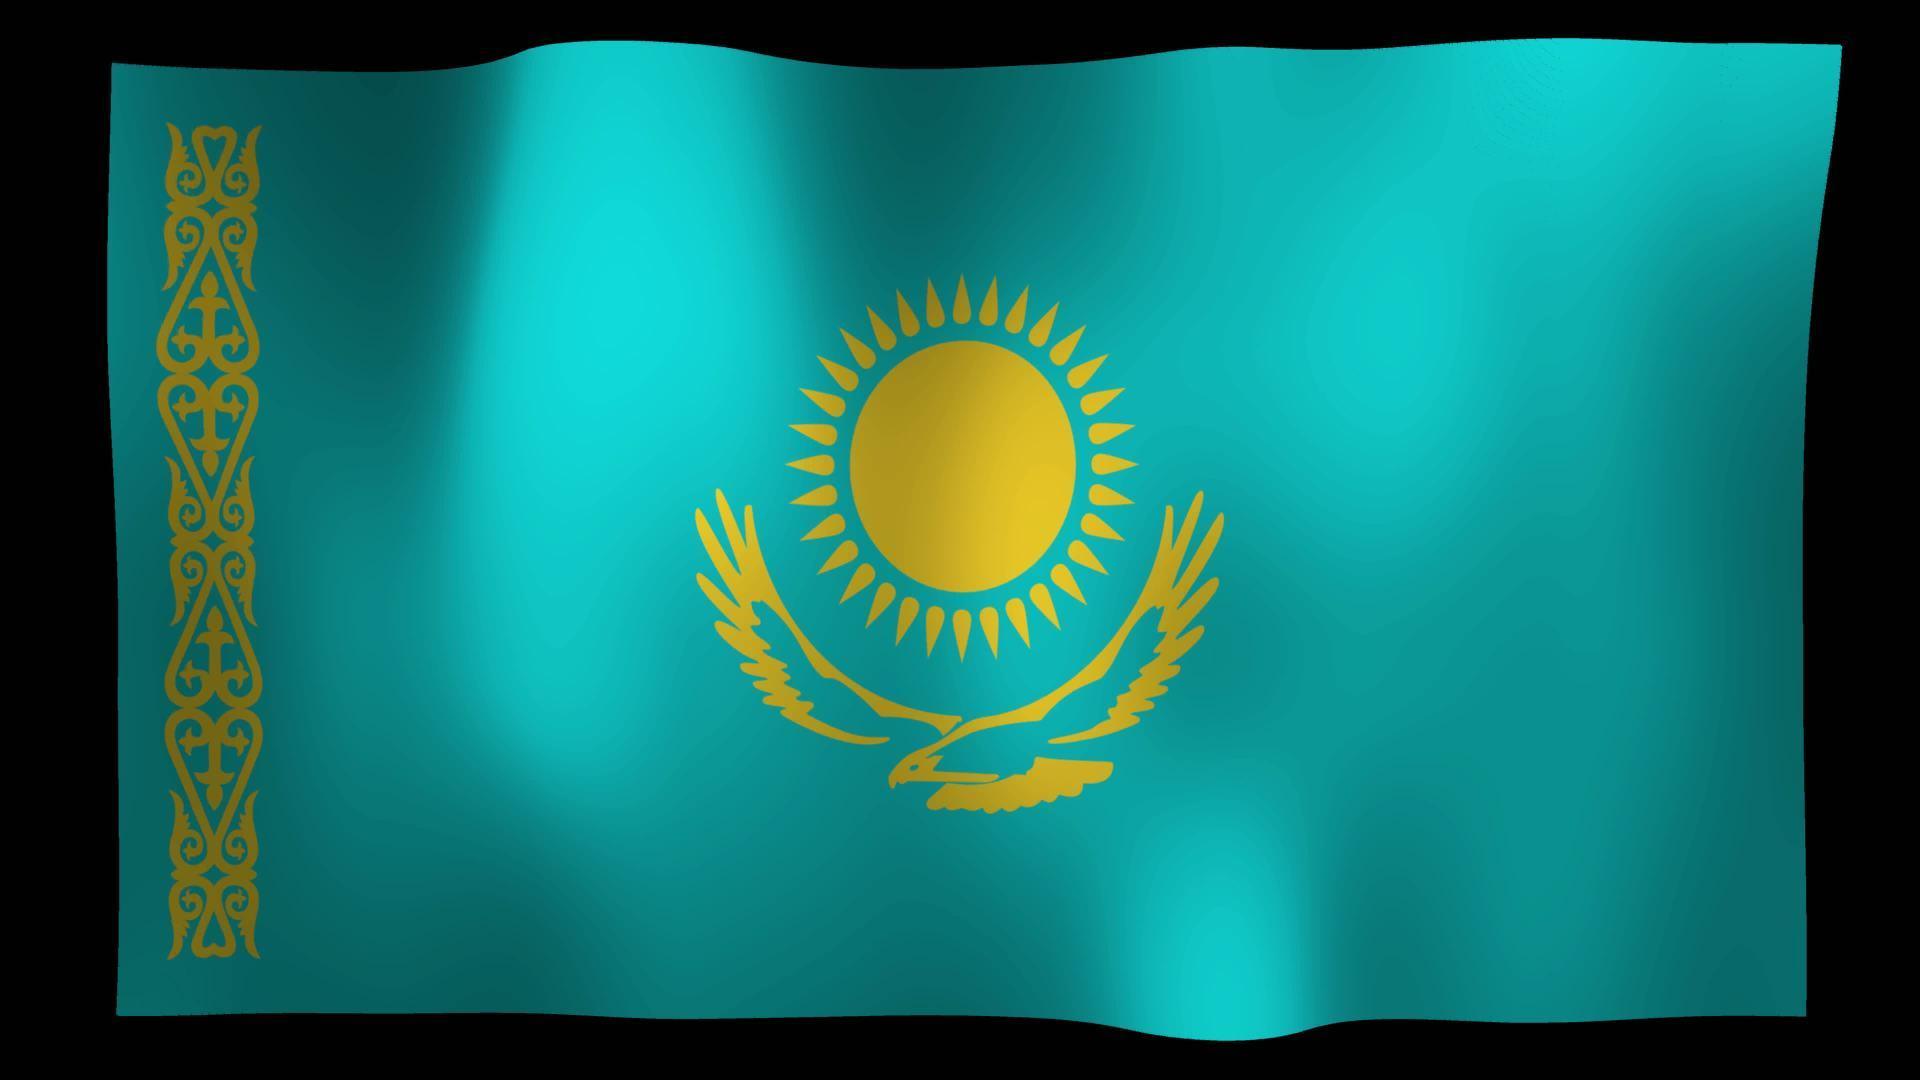 картинки флаг казахстана на обои сотового любопытство превзошло лень